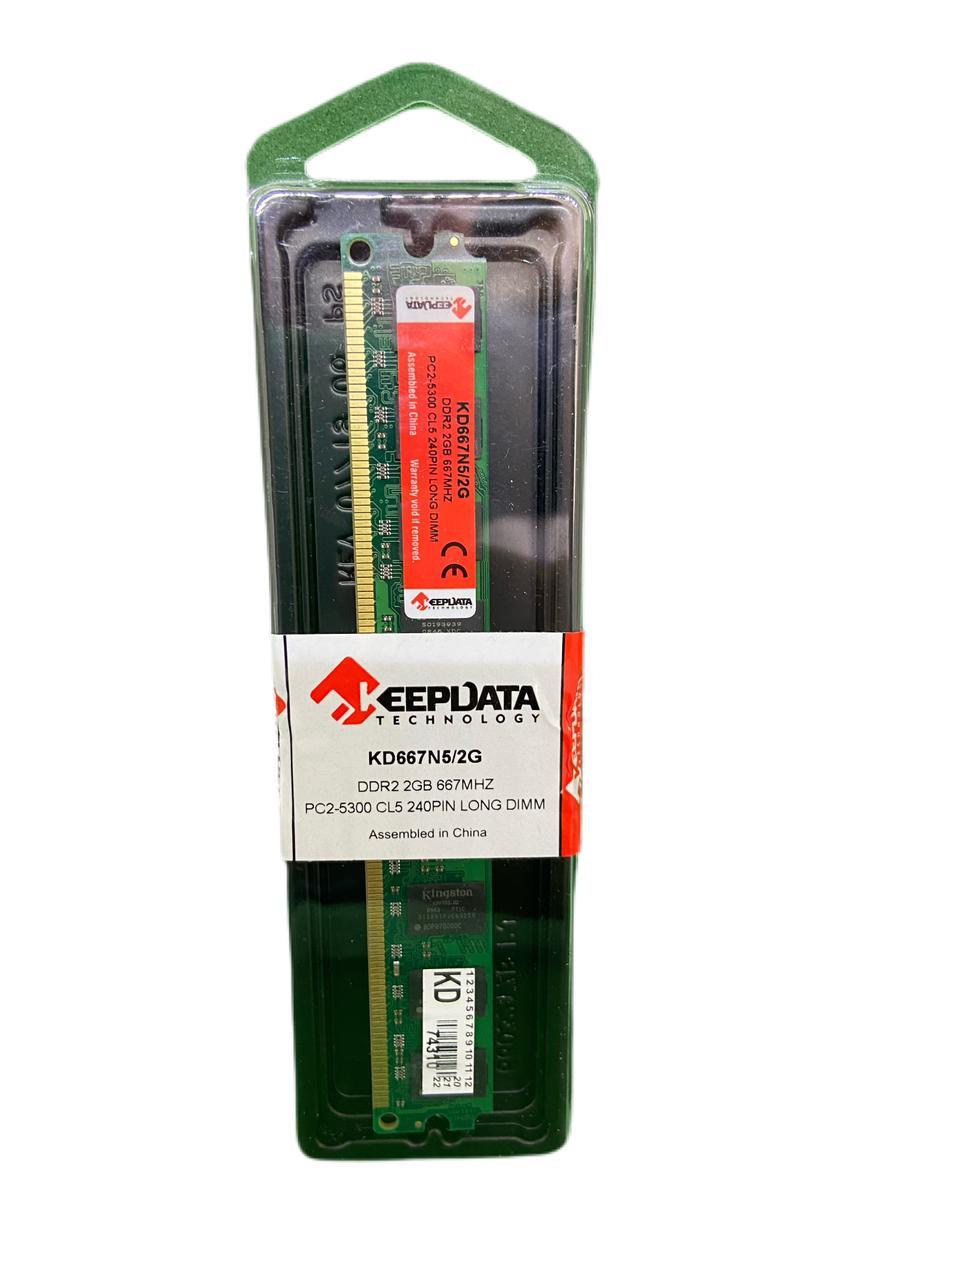 MEM DDRII 2GB/667 KEEPDATA